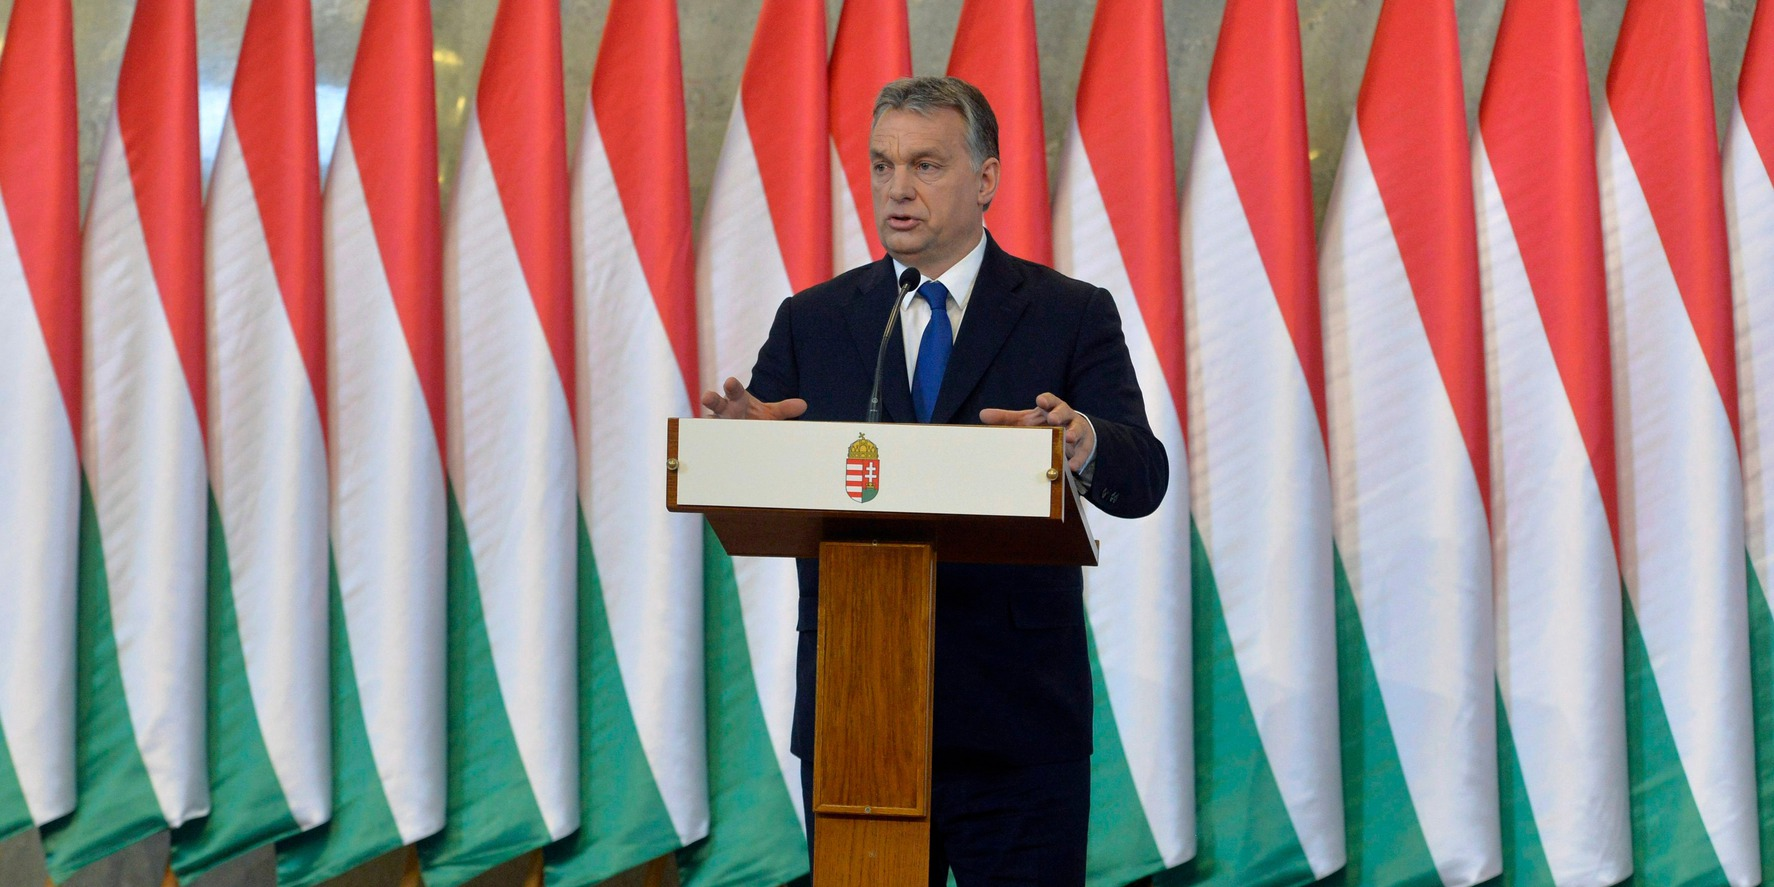 Budapest, 2016. február 24. Orbán Viktor miniszterelnök sajtótájékoztatót tart a Parlament Delegációs termében 2016. február 24-én. A kormány döntést hozott a kötelező betelepítési kvótáról szóló országos népszavazás kiírásáról. MTI Fotó: Koszticsák Szilárd